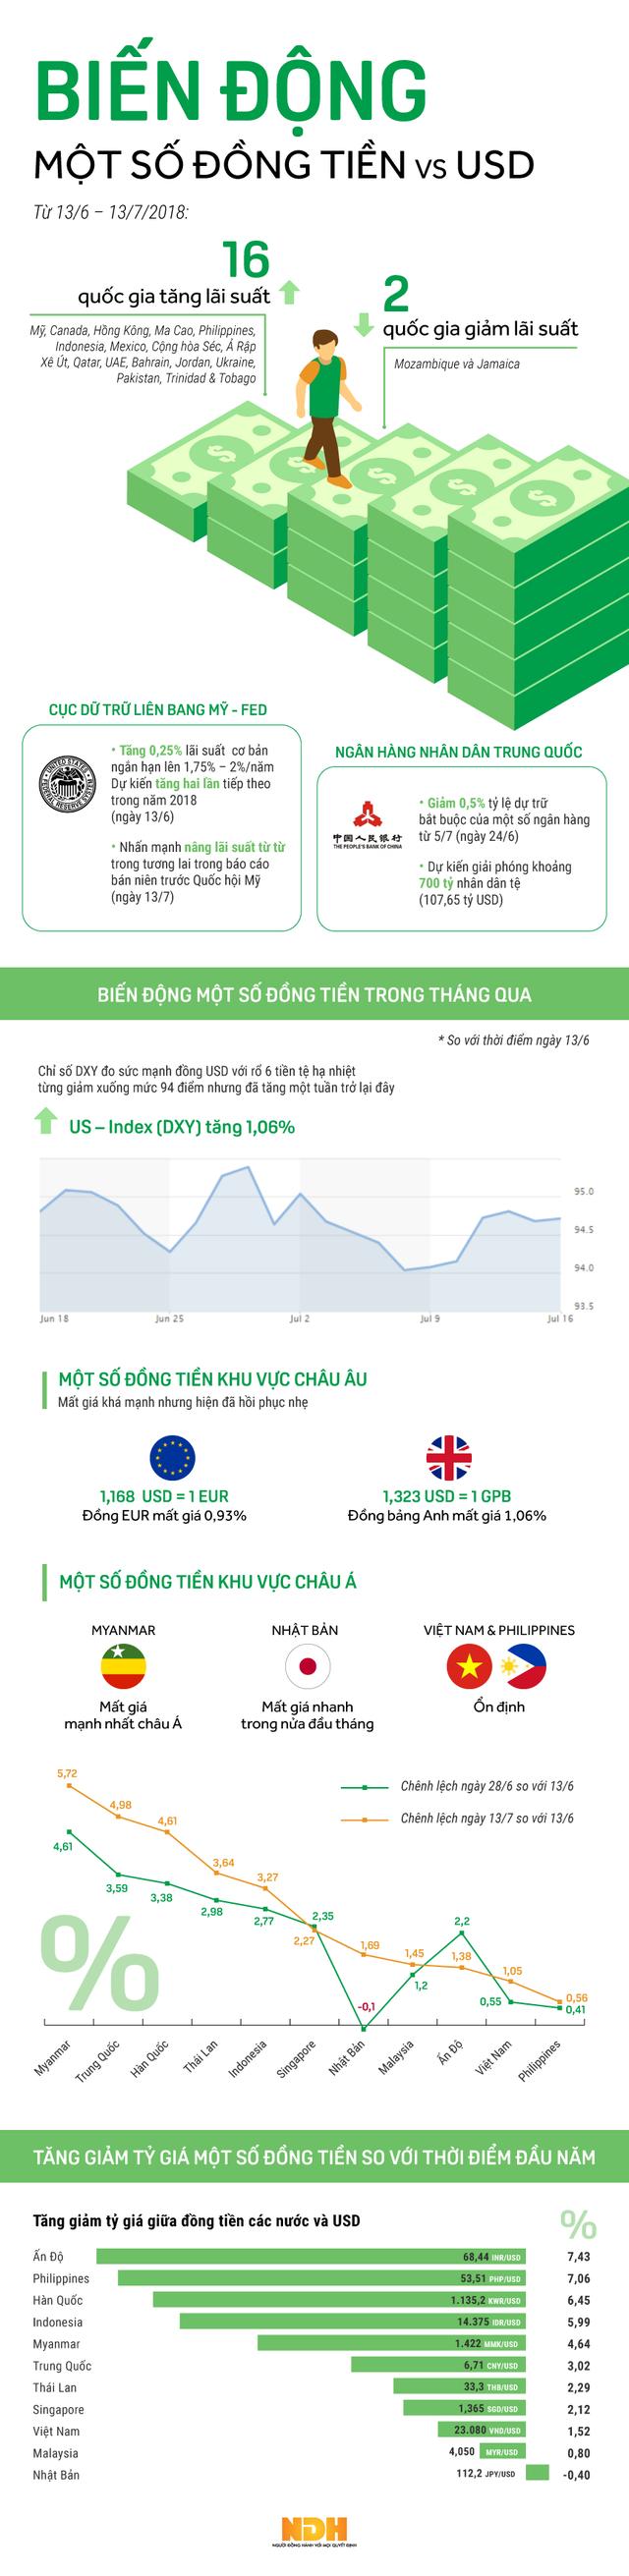 [Infographic] Đa số một vài đồng tiền châu Á mất giá so có USD sau 1 tháng Fed tăng lãi suất - Ảnh 1.